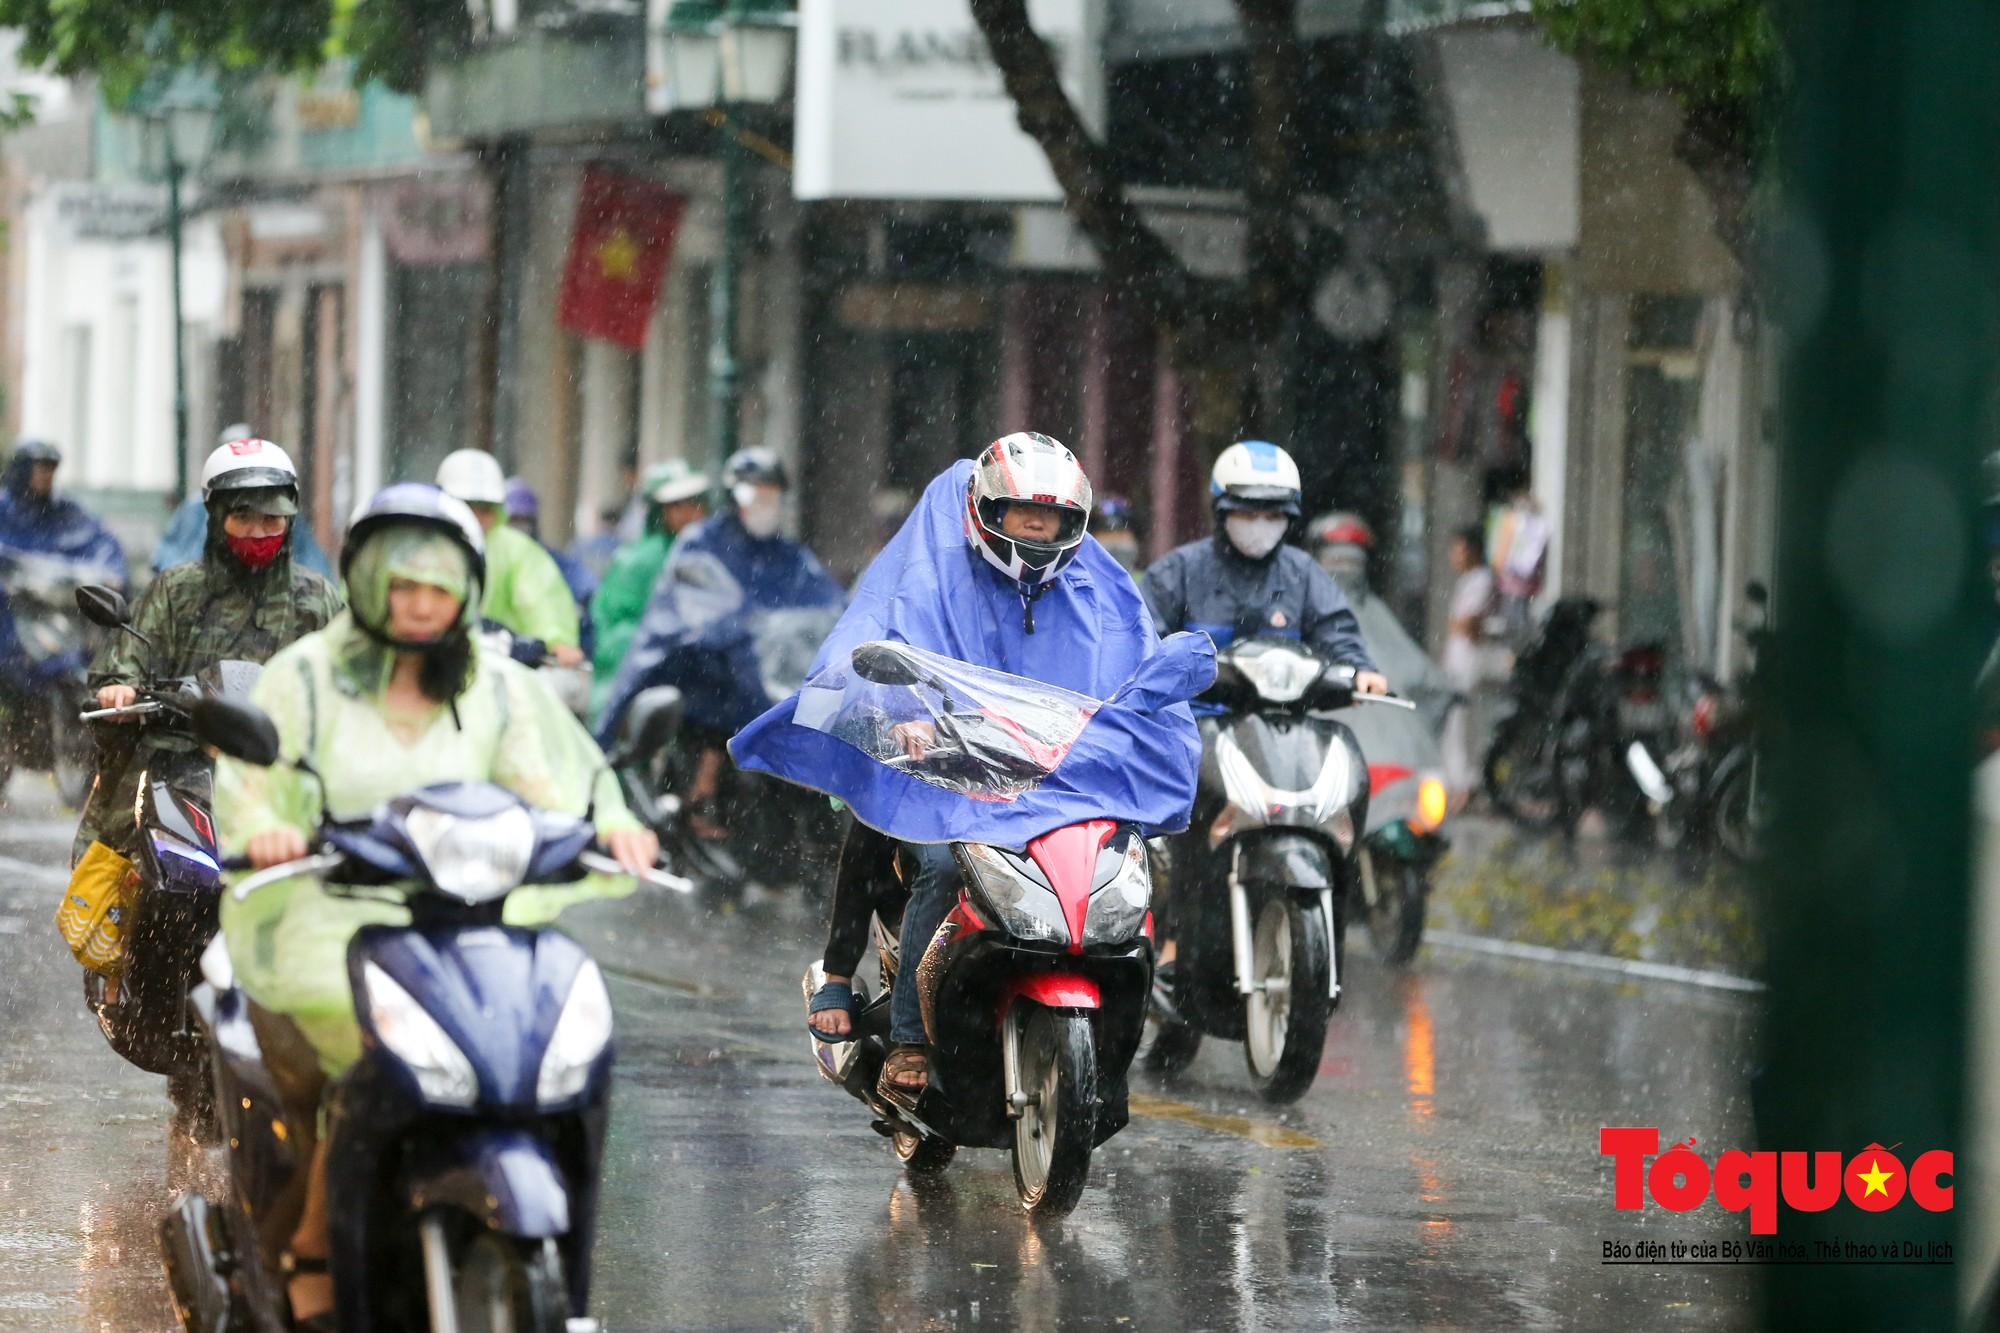 Cơn mưa lớn bất trợt khiến không khí ở thủ đô Hà Nội giảm bụi ô nhiễm nhanh chóng3